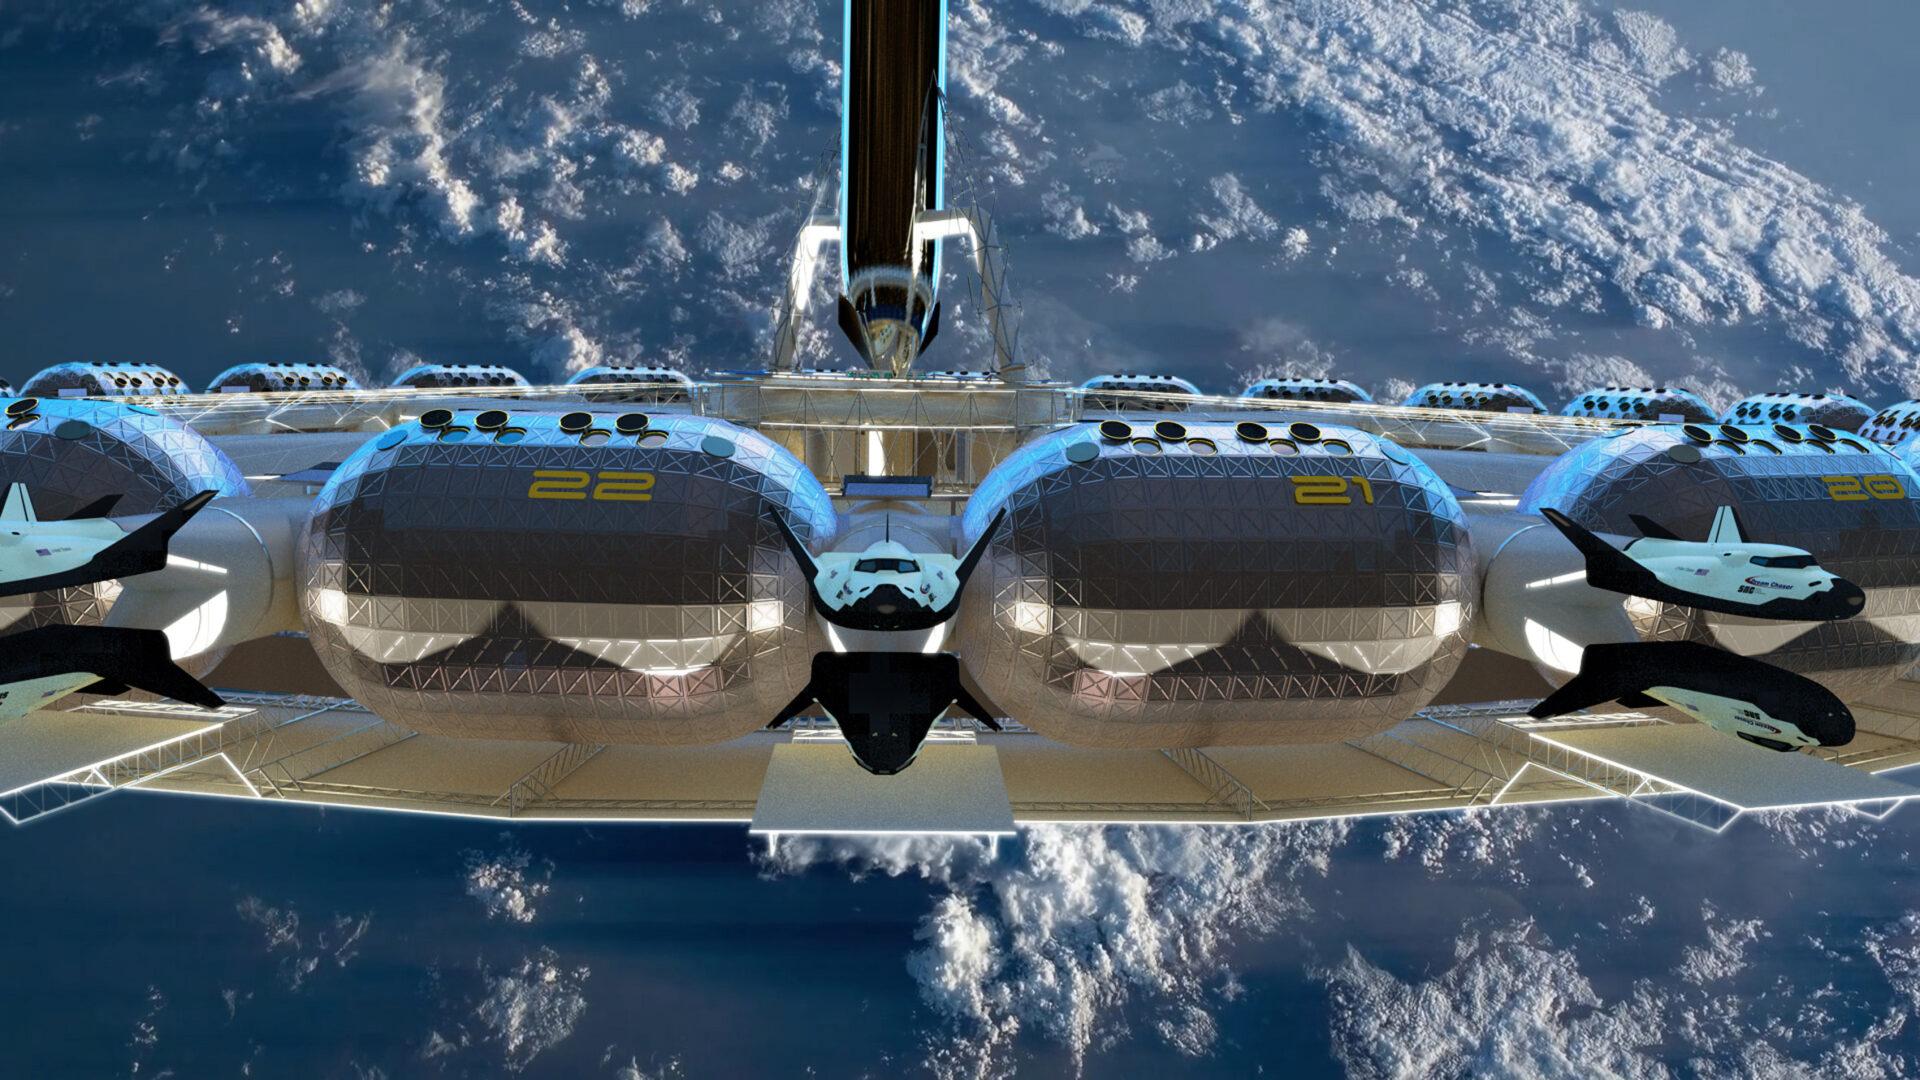 Von Braun Space Station: pokoje číslo 22 a 21